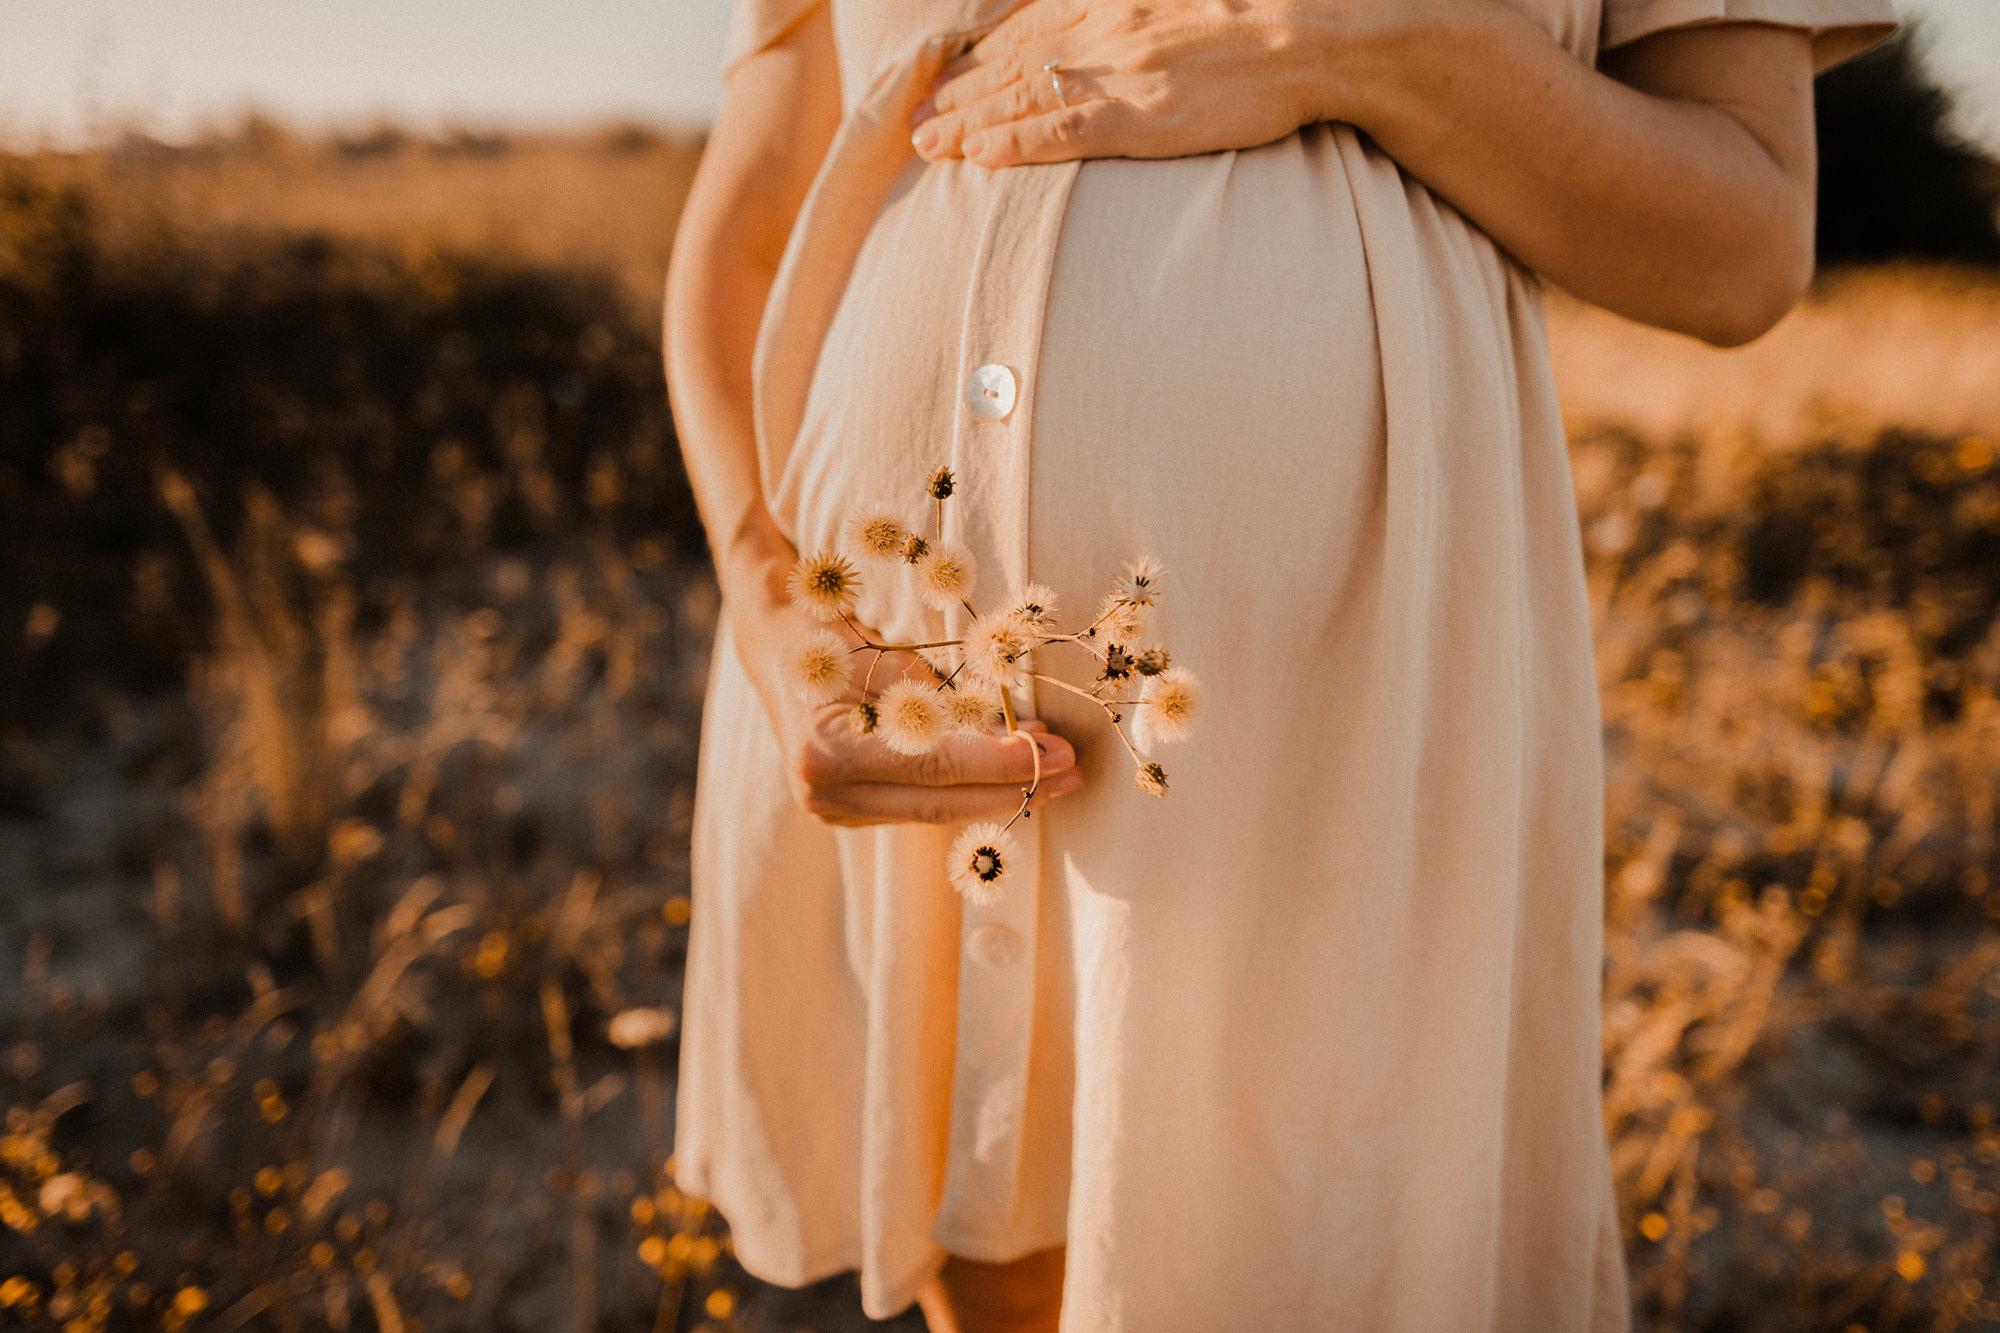 Babybauchshooting in Wustrow - Fotograf für Schwangere auf Fischland Darß - Babybauchfotografie in Zingst & Prerow